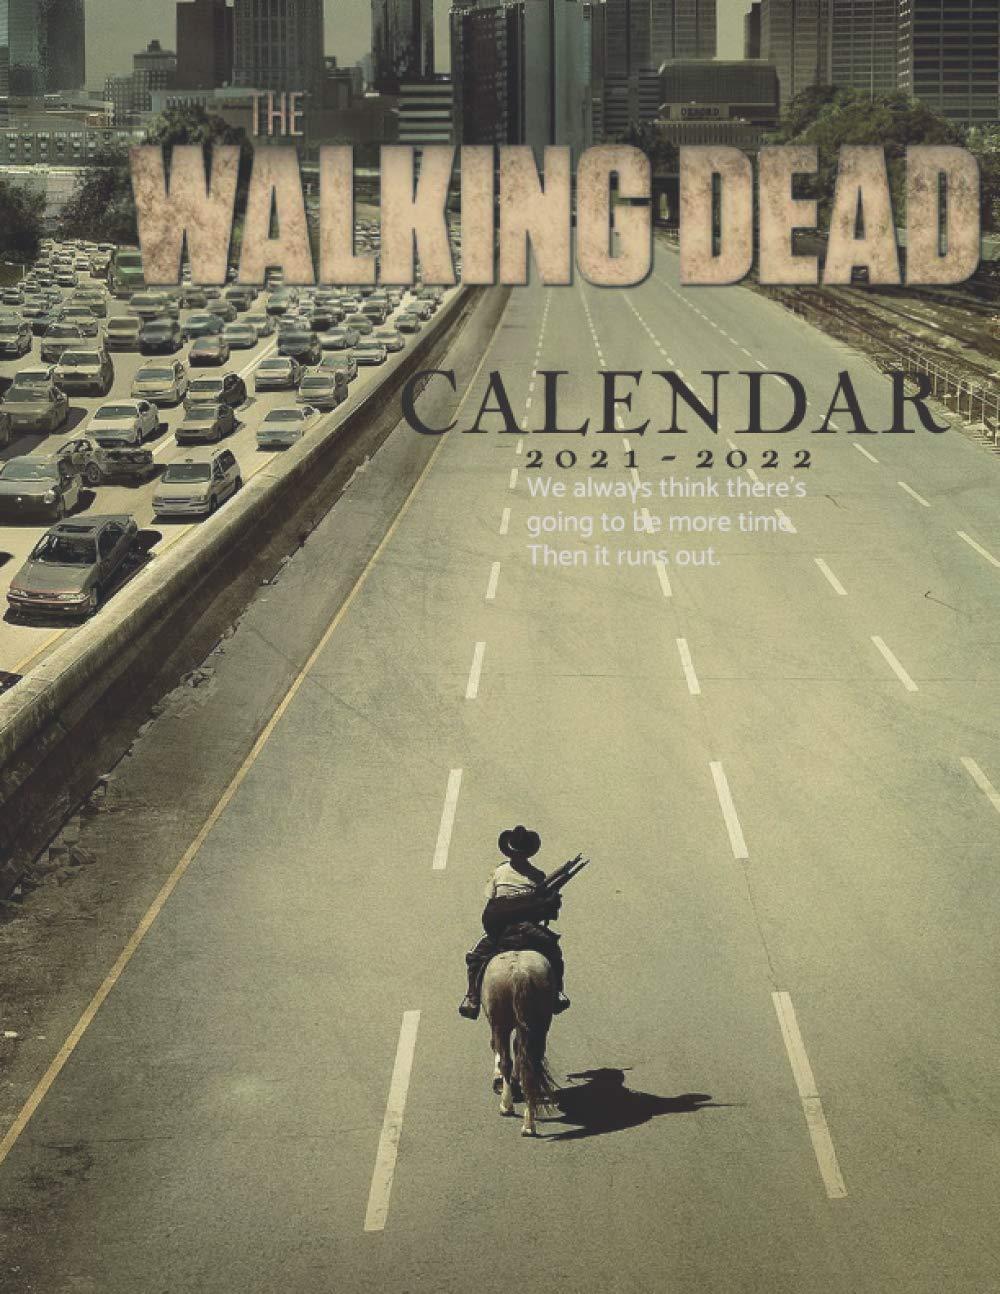 Walking Dead 2022 Calendar.Amazon Com The Walking Dead Amazing 18 Month Calendar 2021 2022 With Size 8 5 X11 9798582116189 Calendar Twd Fan Books